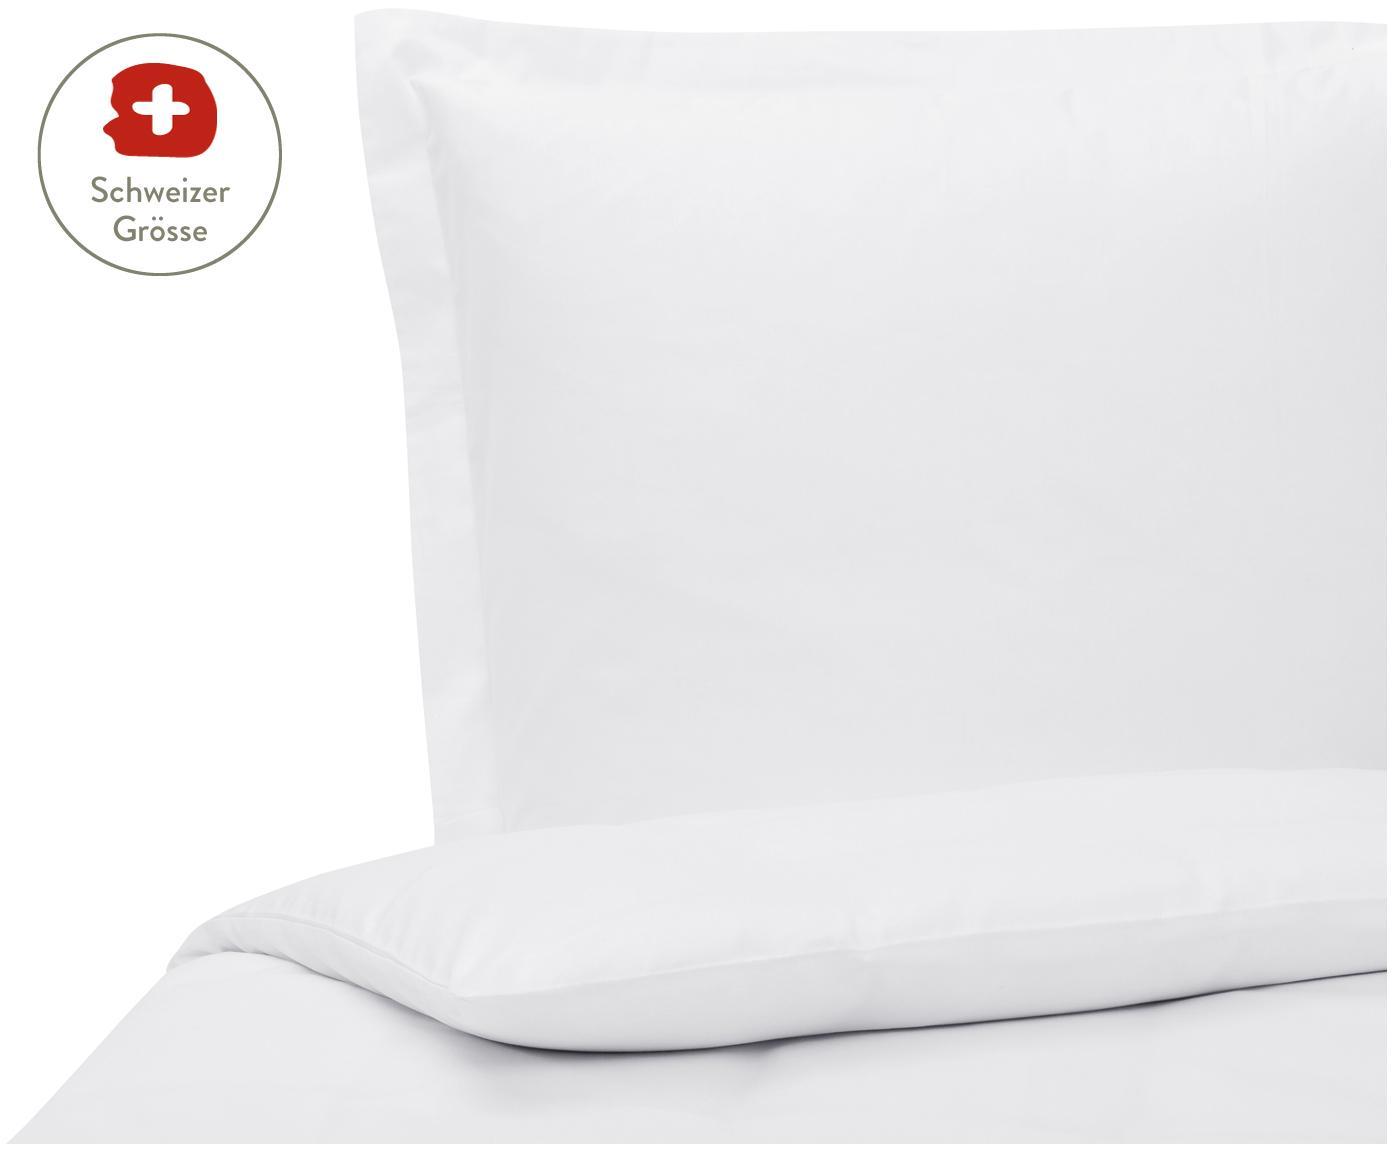 Baumwollsatin-Bettdeckenbezug Premium in Weiss mit Stehsaum, Webart: Satin, leicht glänzend, Weiss, 160 x 210 cm